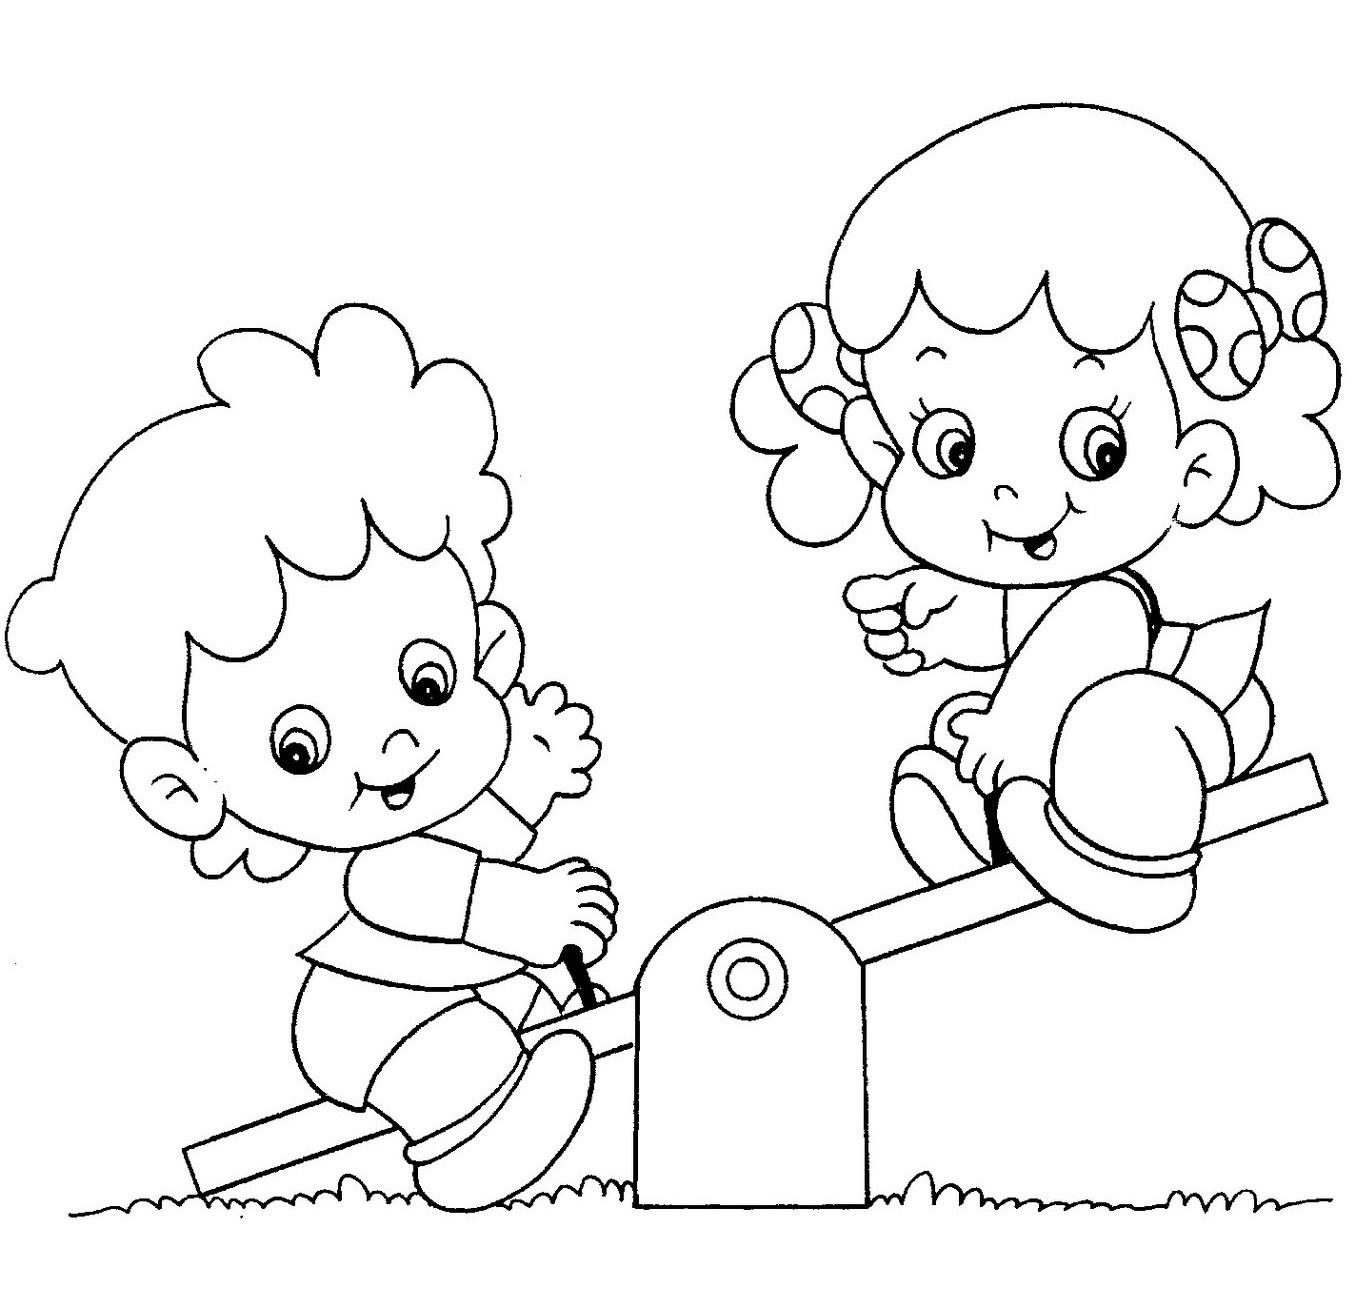 Desenho sobre o dia das crianças para imprimir e colorir